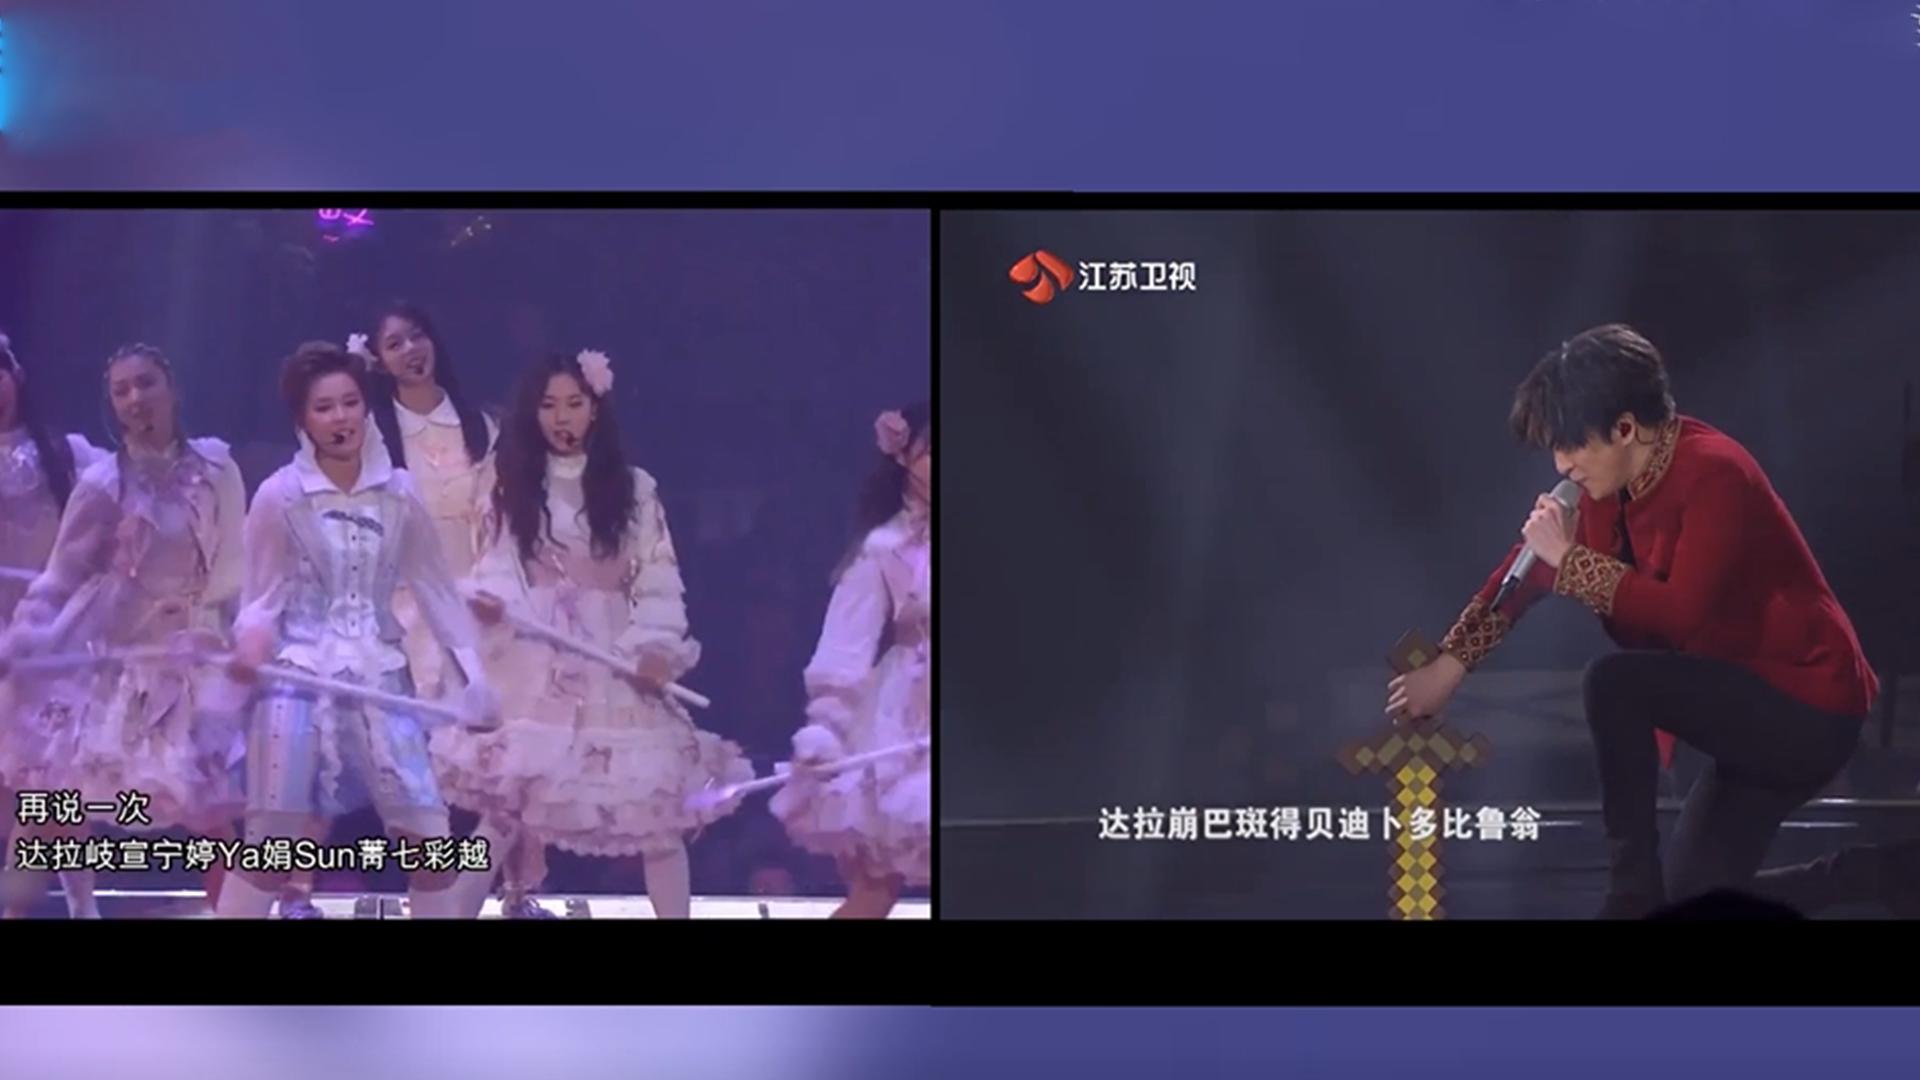 火箭少女101和薛之谦洛天依《达拉崩吧》的现场版对比,疯了疯了!